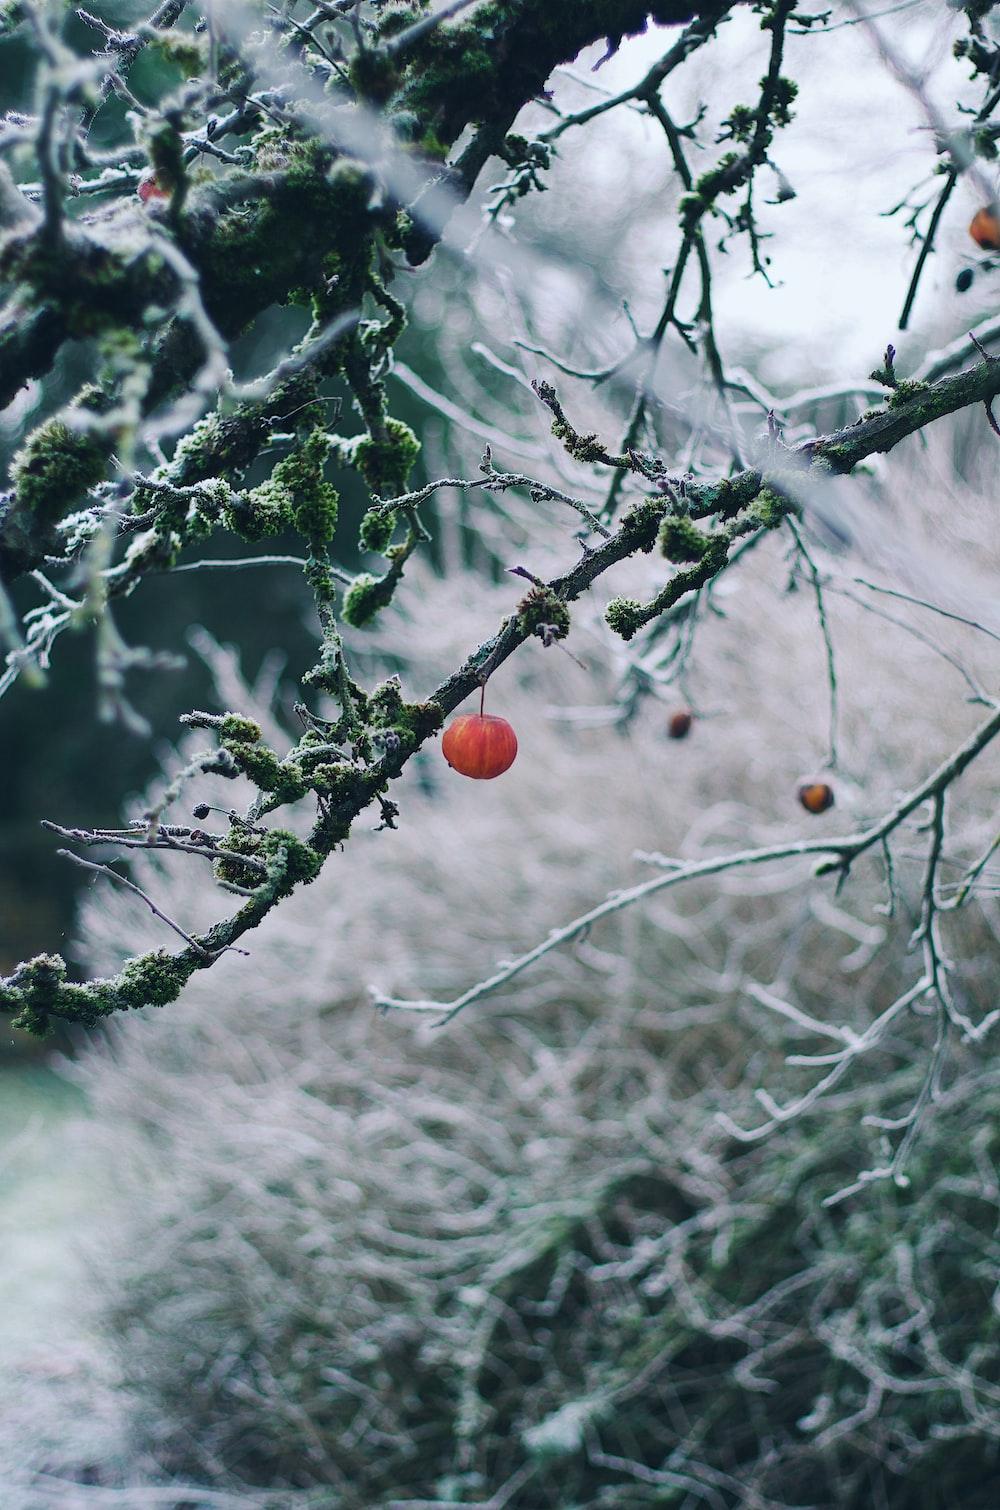 round orange-colored fruit